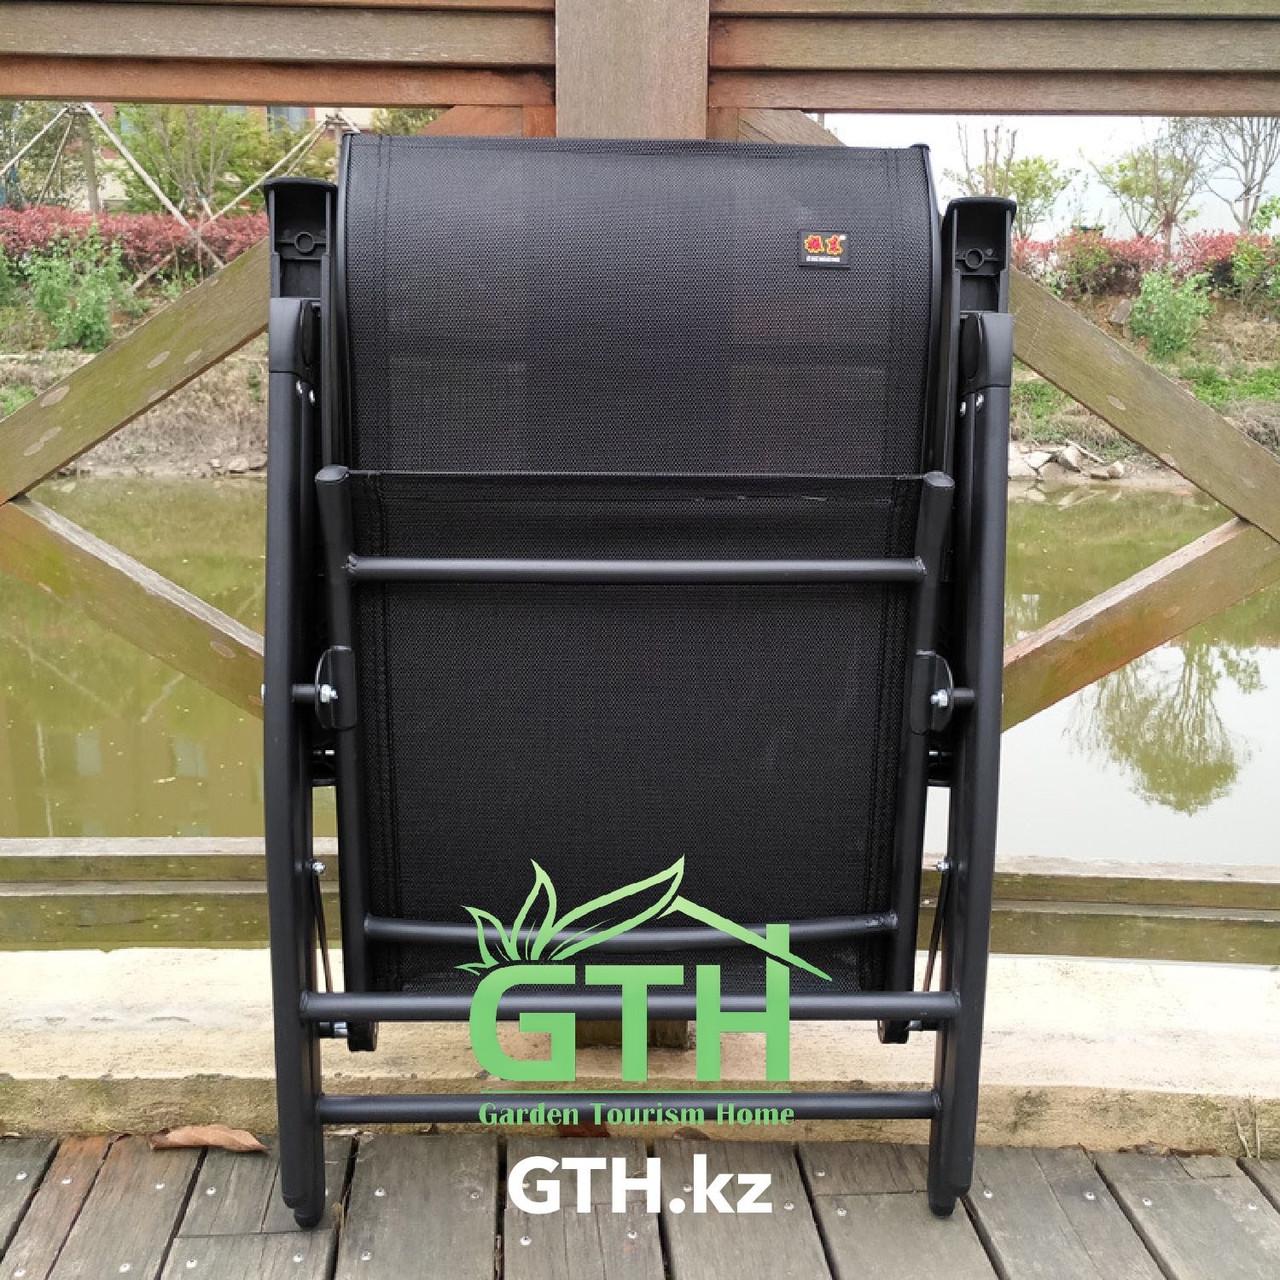 Складное кресло с регулировкой спины Zhejang Zhendong. Нагрузка 150 кг. Доставка. - фото 4